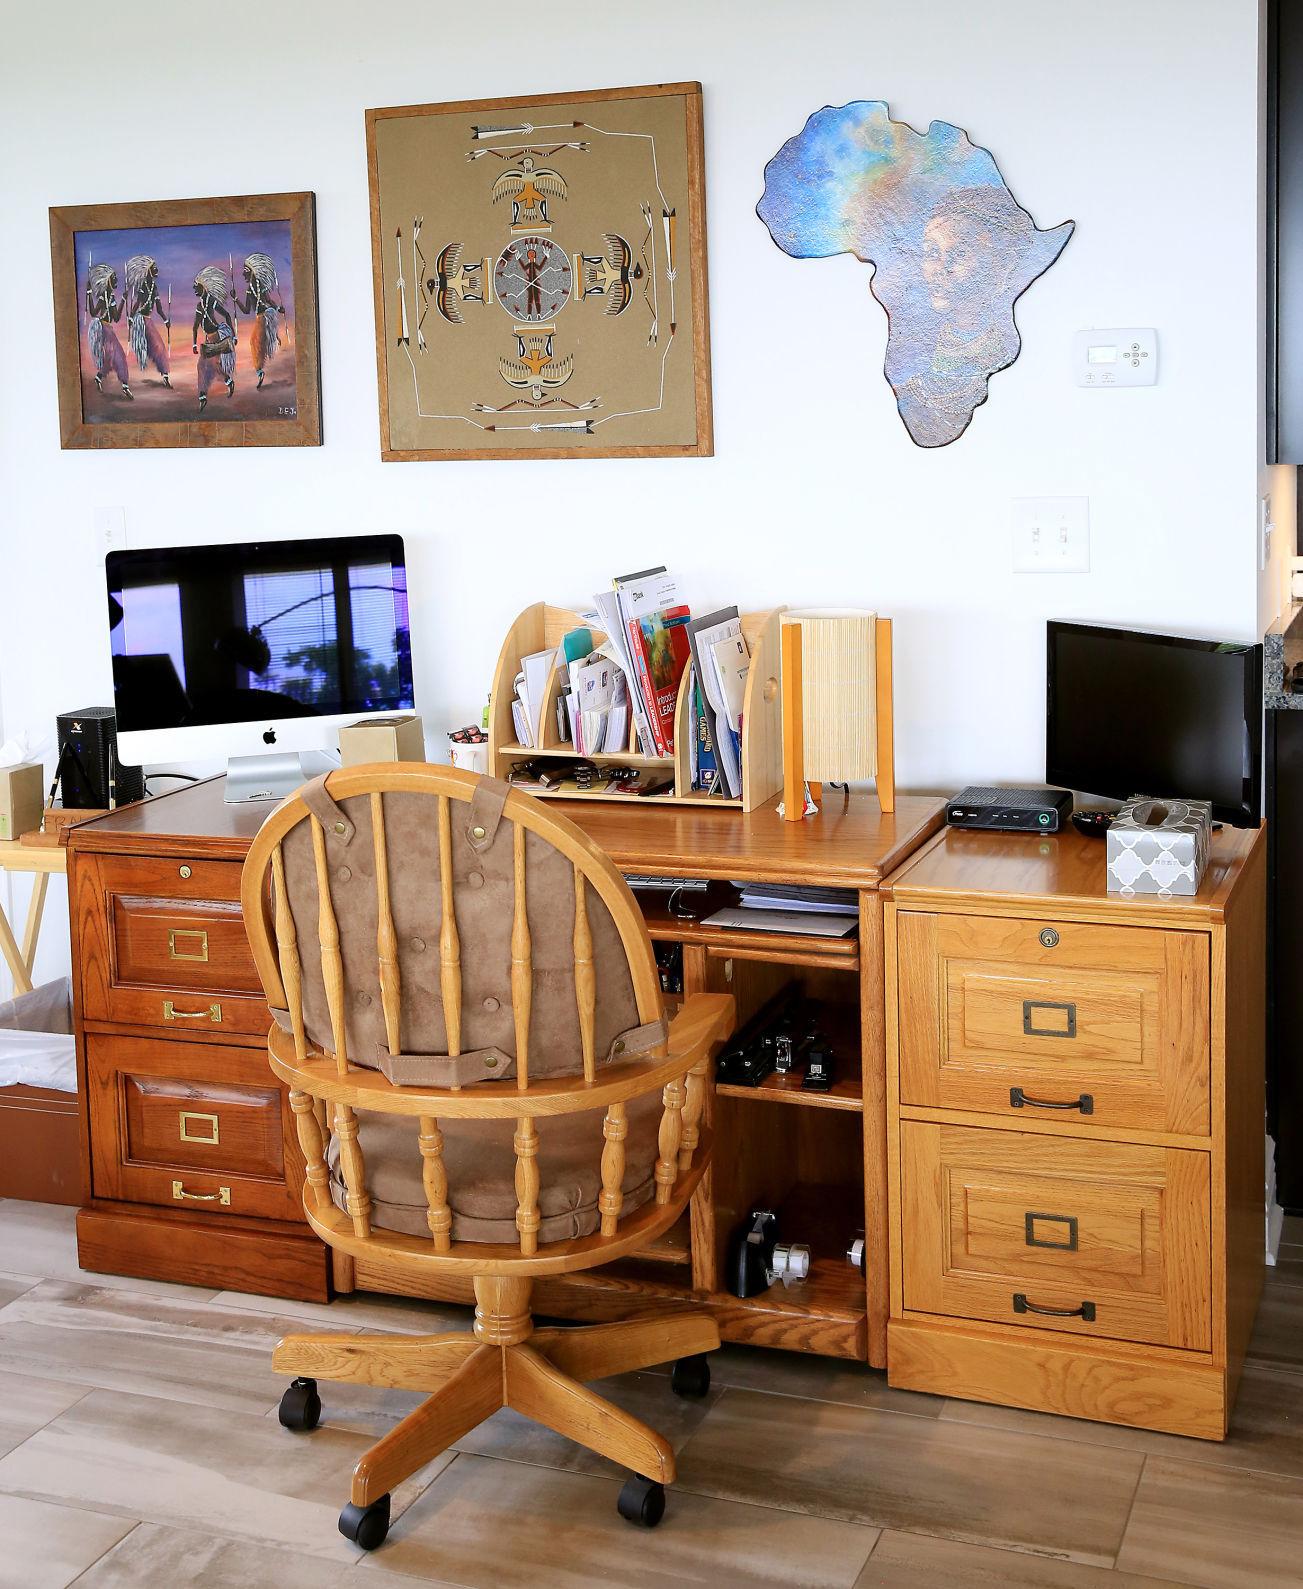 such a beautiful place to live home and garden qctimes com rh qctimes com